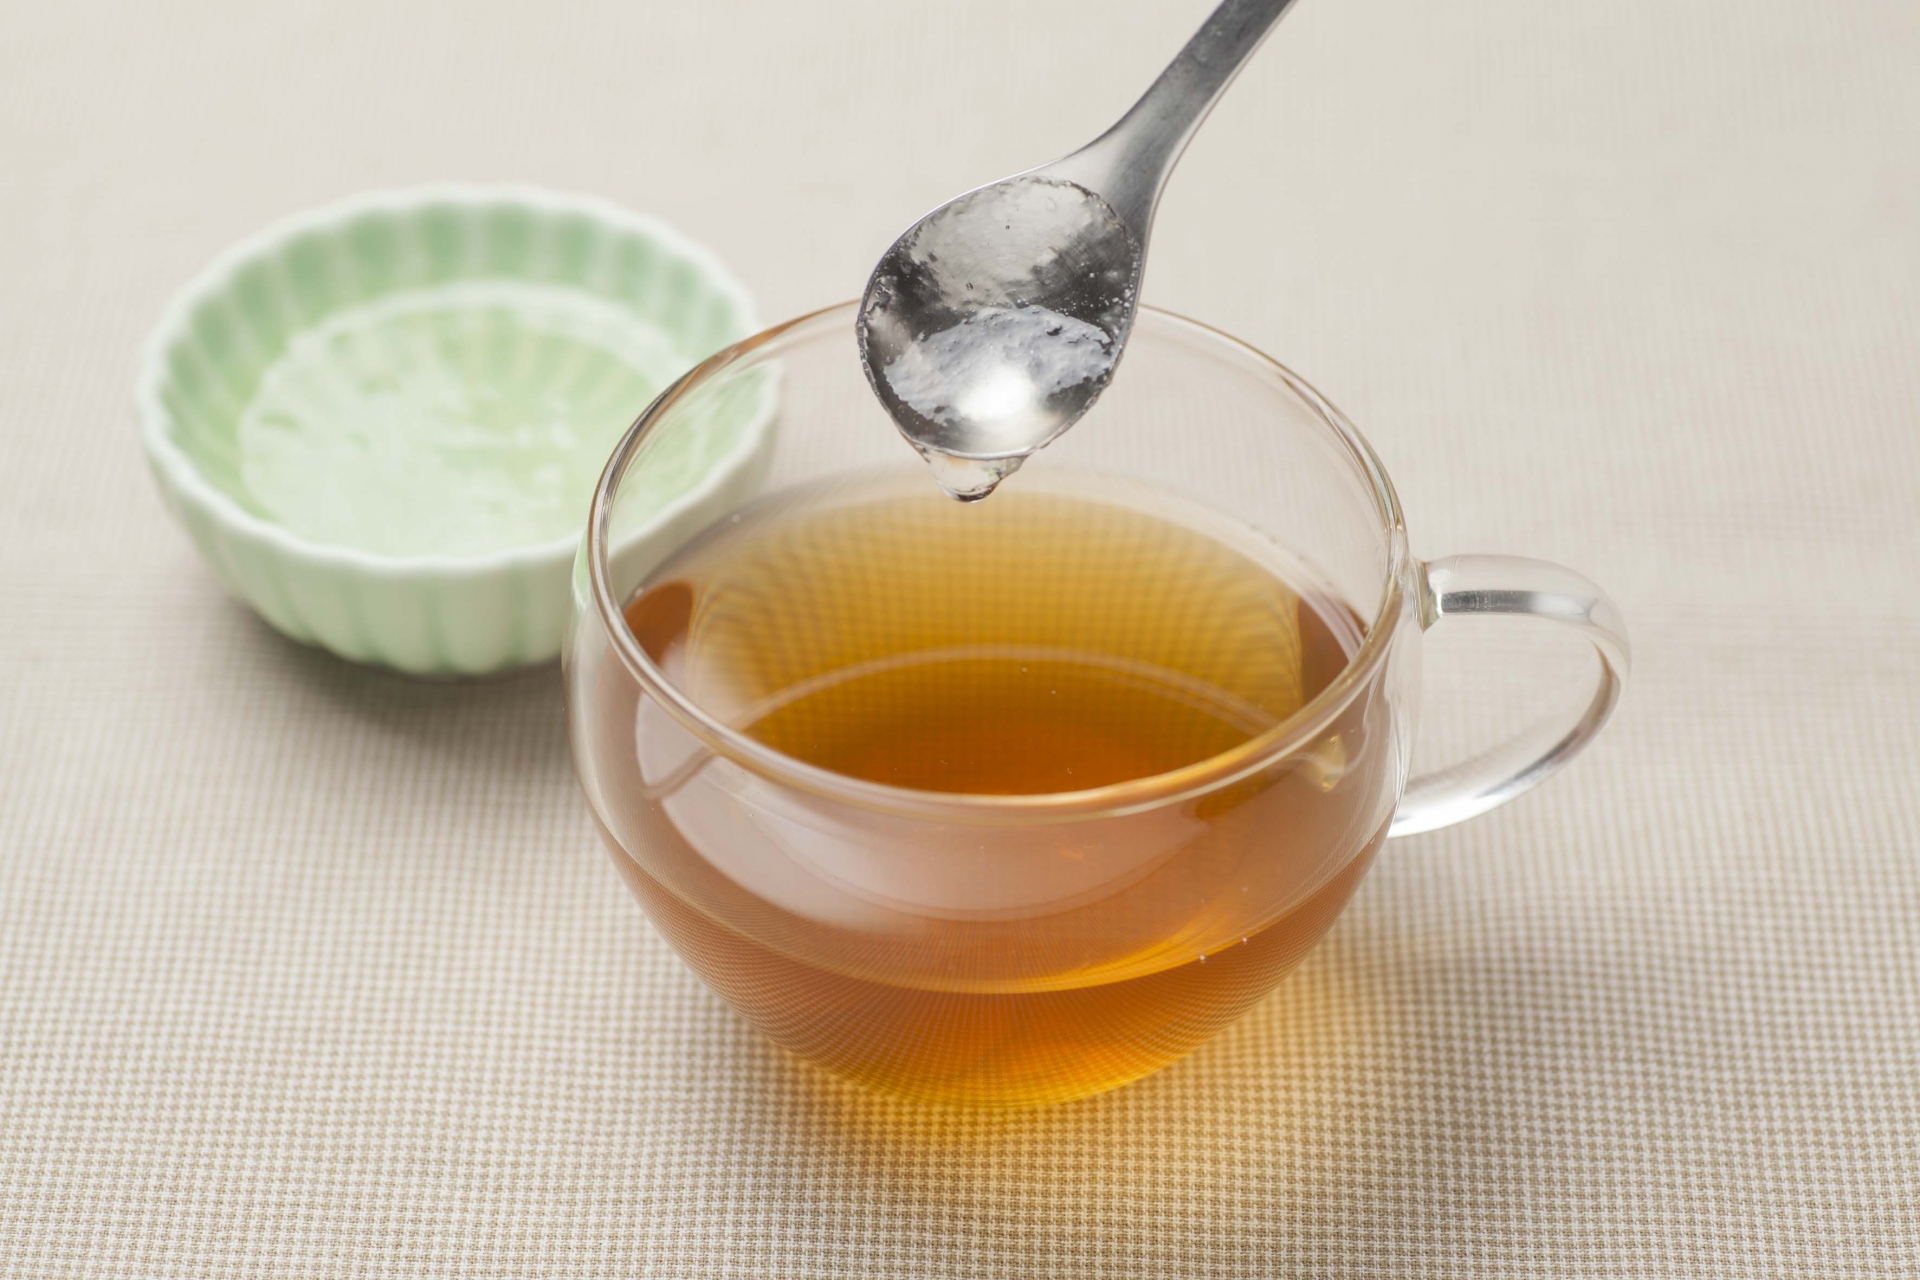 はちみつ紅茶で贅沢なティータイムを